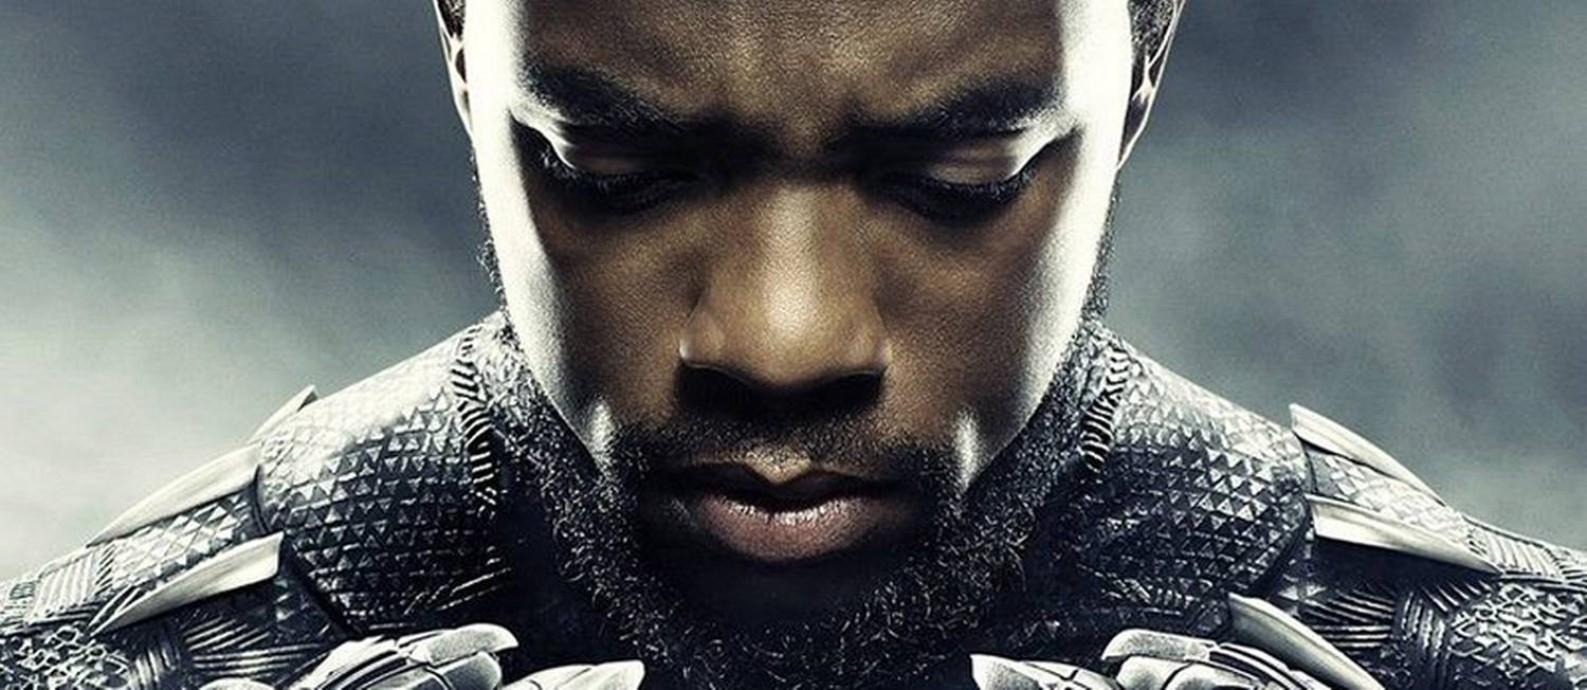 O ator Chadwick Boseman interpreta o super-heróis protagonista Foto: Divulgação